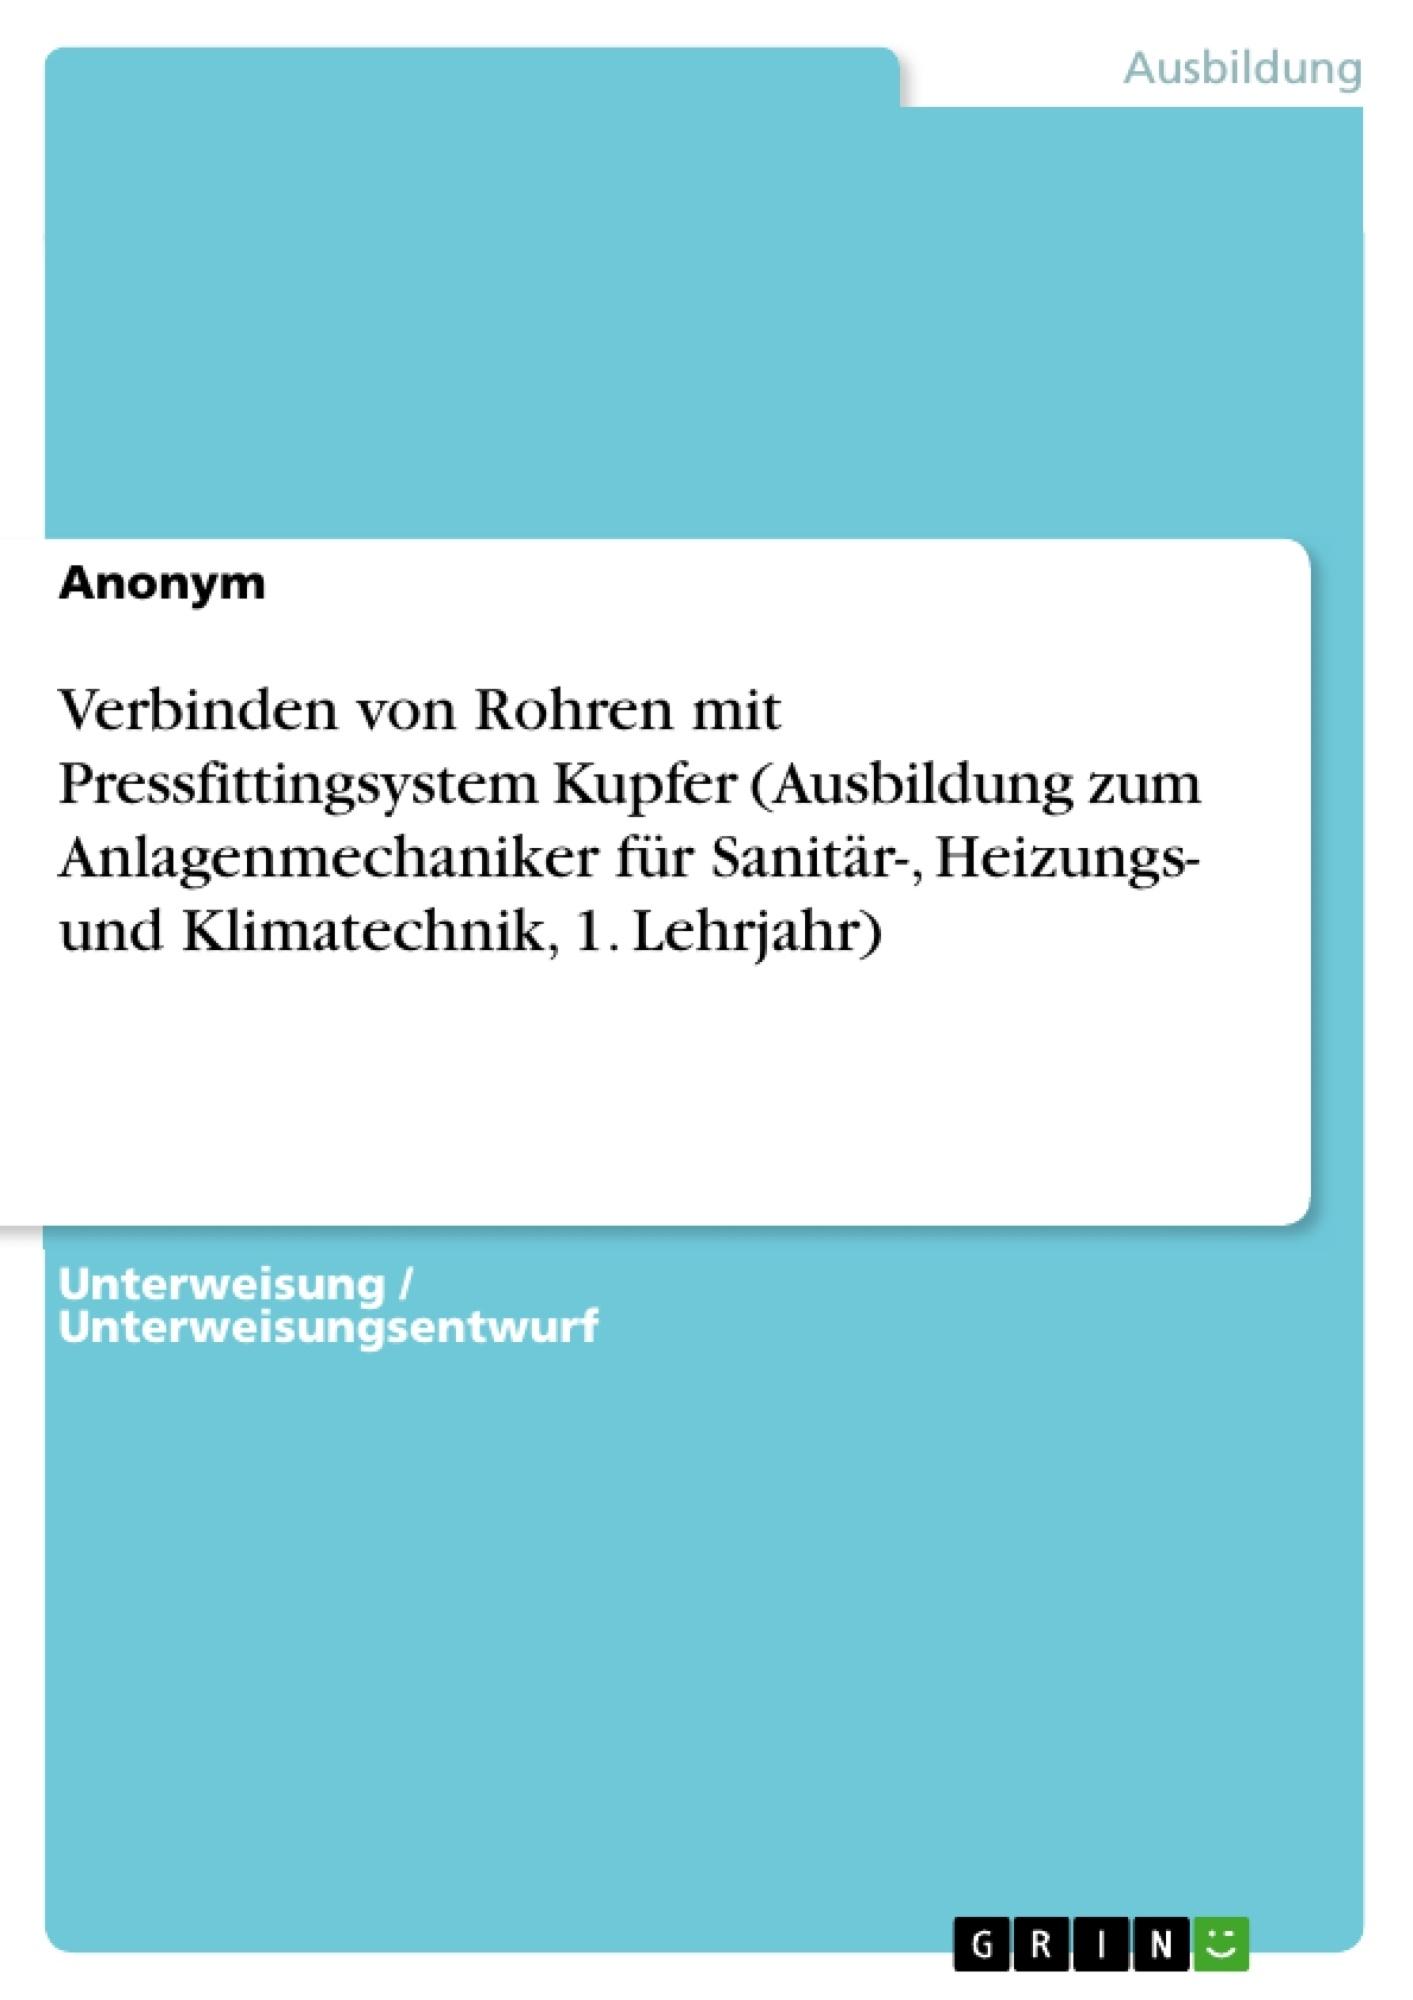 Titel: Verbinden von Rohren mit Pressfittingsystem Kupfer (Ausbildung zum Anlagenmechaniker für Sanitär-, Heizungs- und Klimatechnik, 1. Lehrjahr)